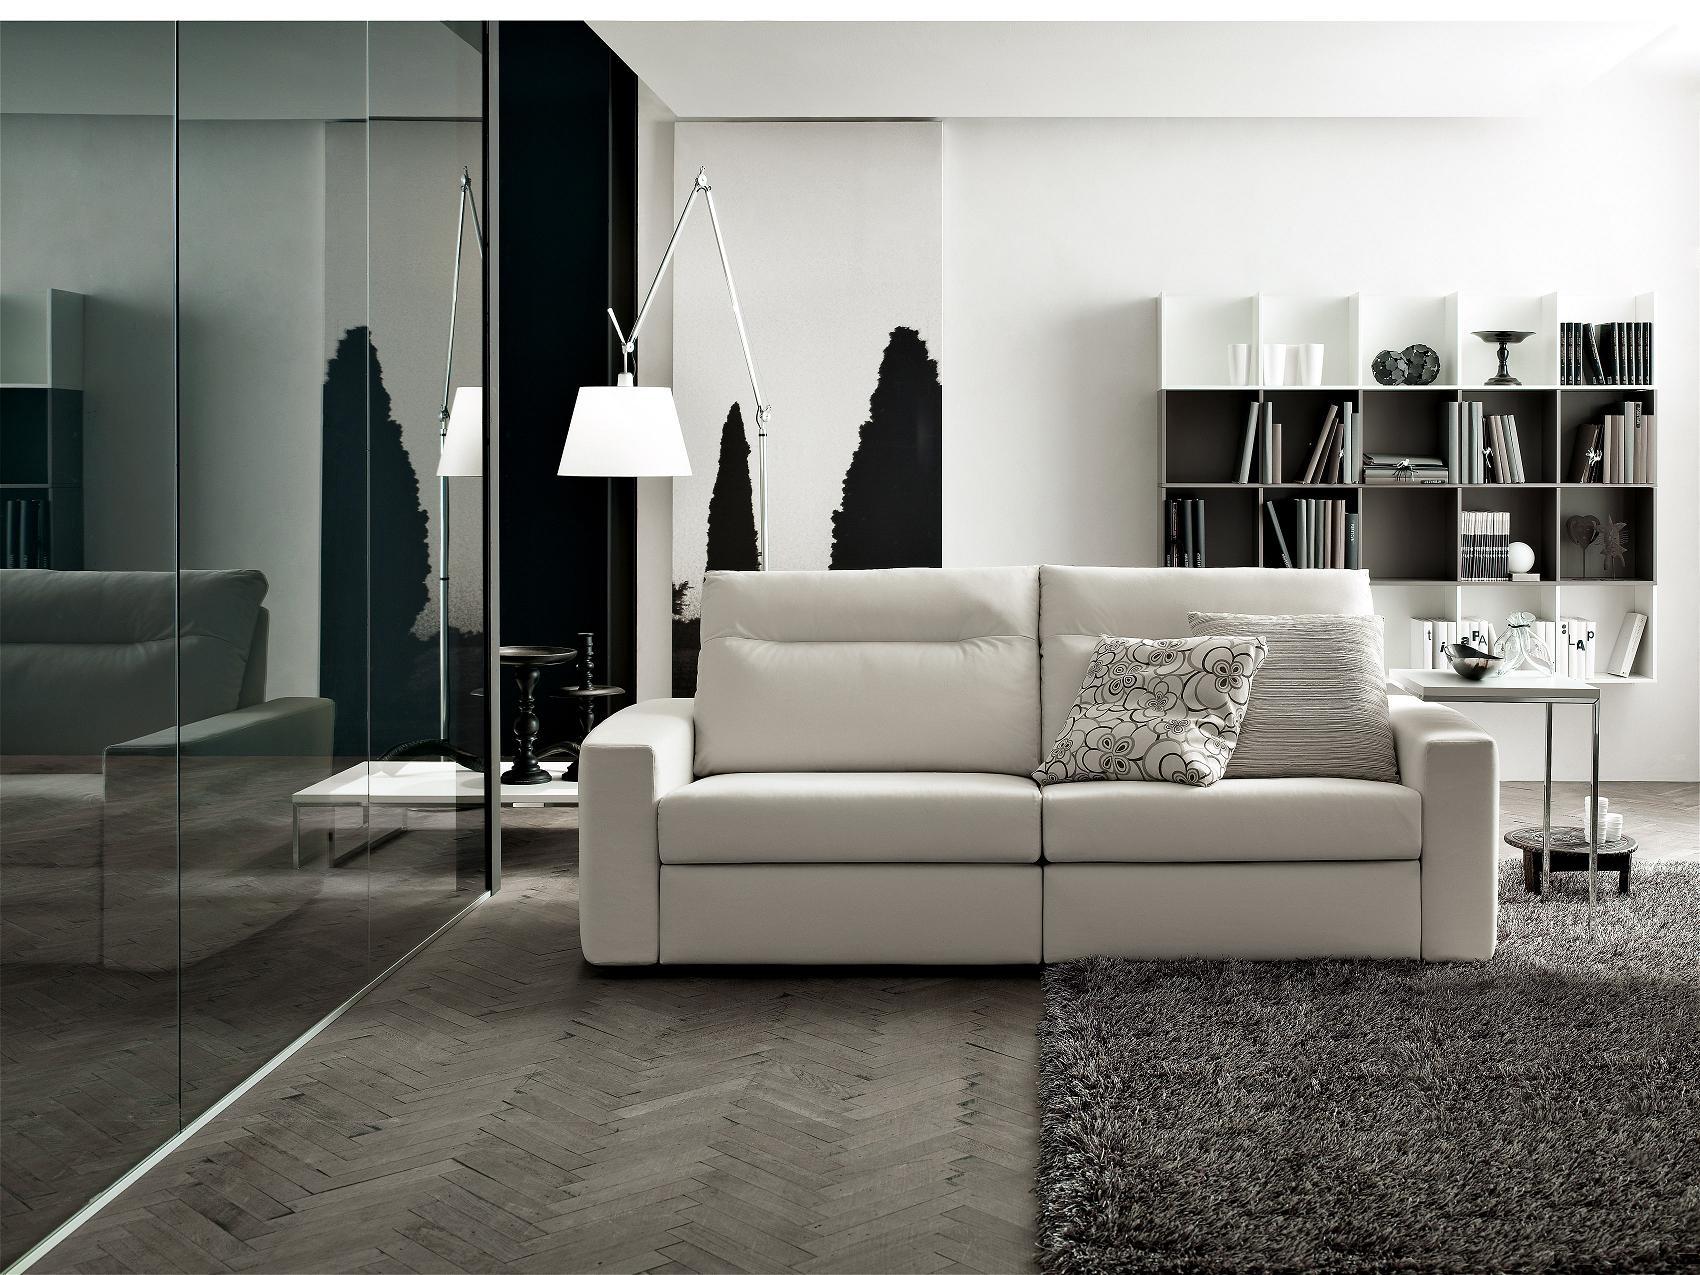 Divano doimo modello palace scontato del 50 divani a - Altezza seduta divano ...